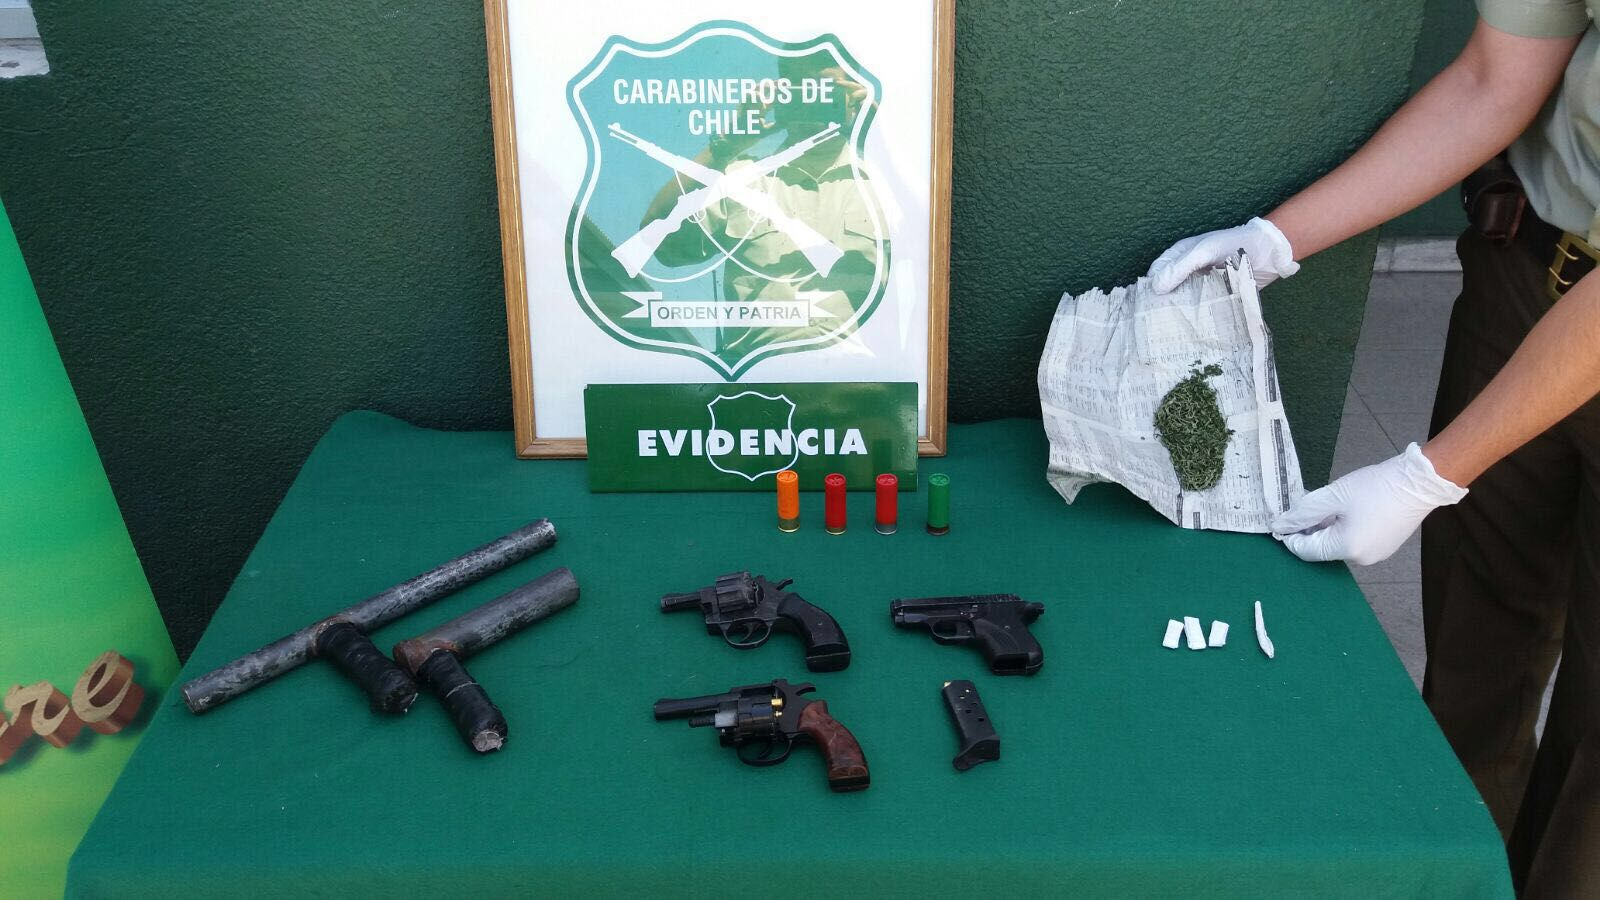 10 detenidos por porte ilegal de armas en Vallenar